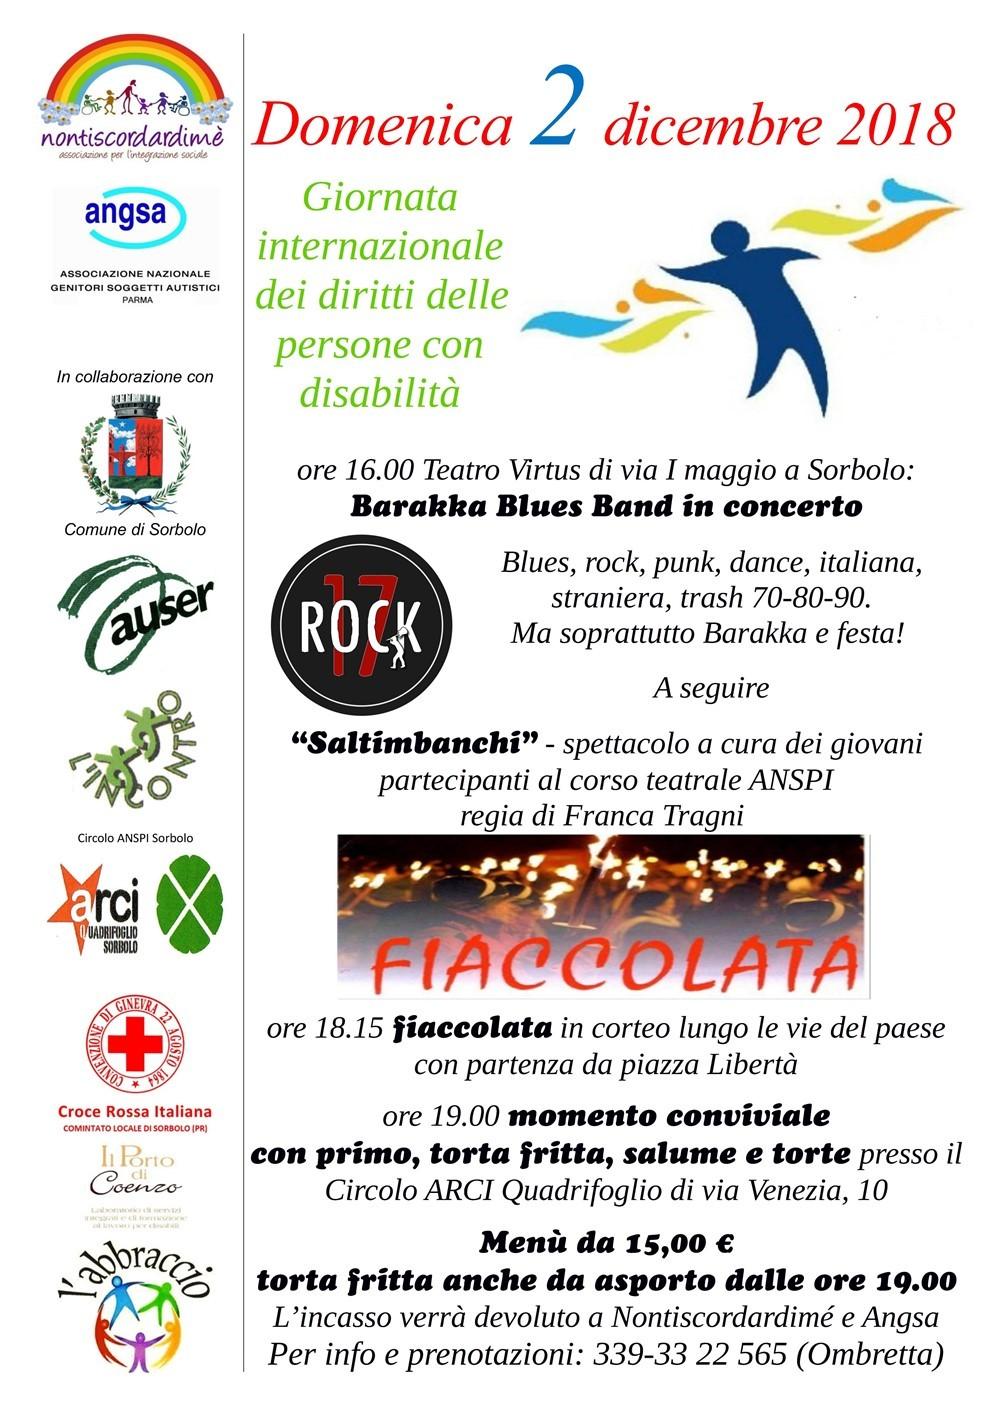 Giornata dei diritti delle persone con disabilità